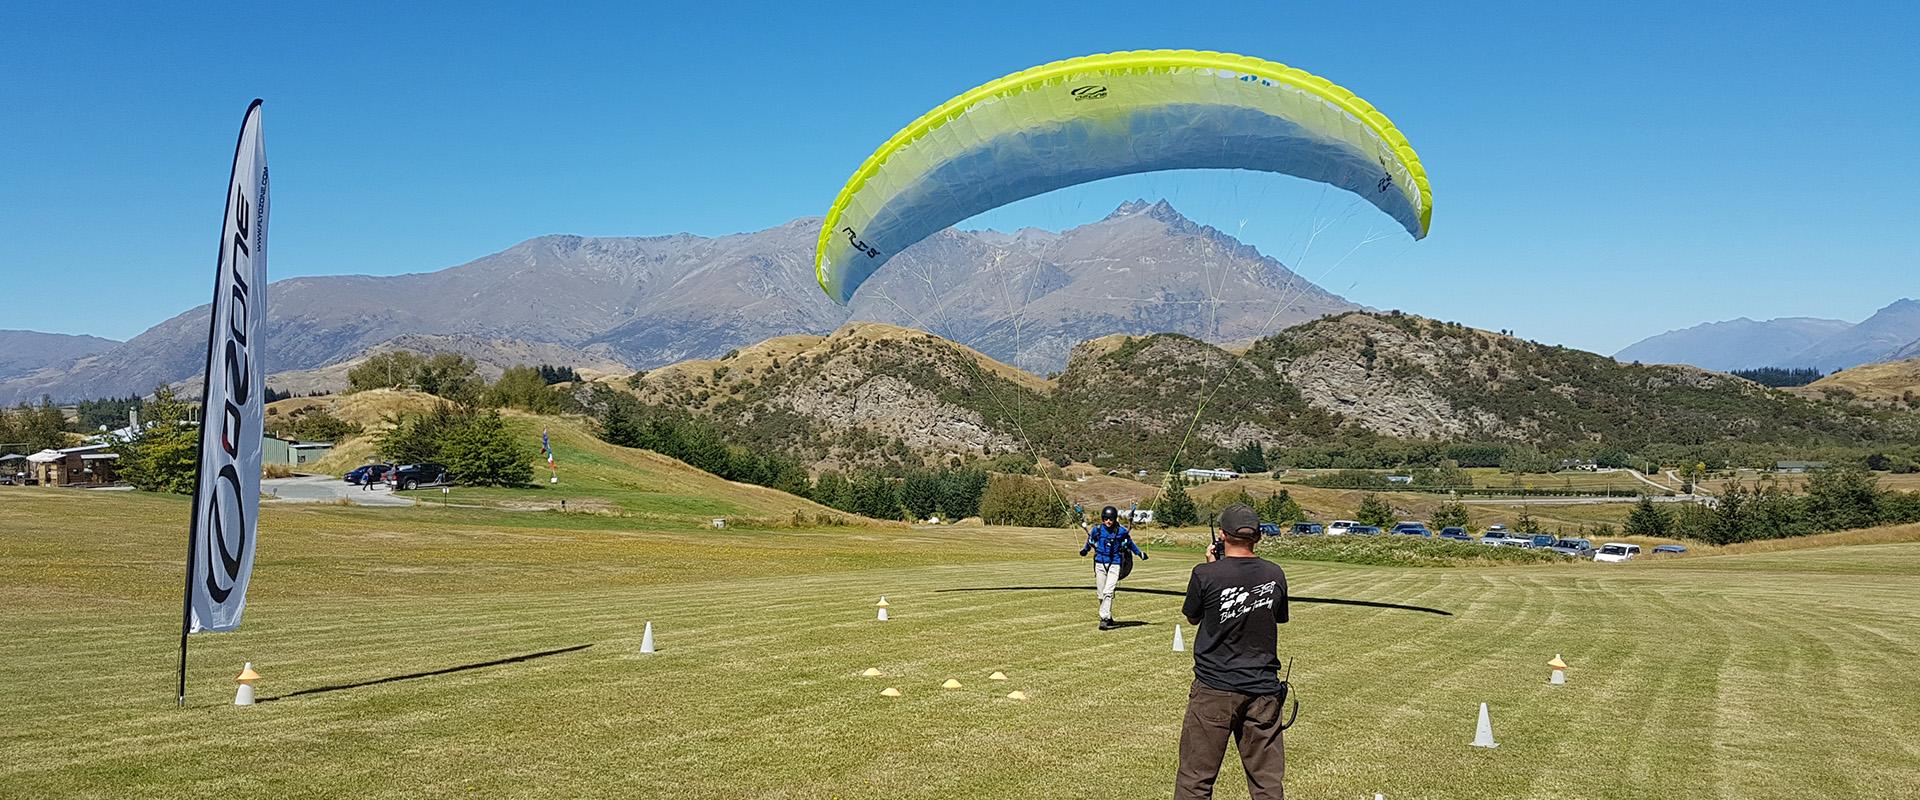 Powered Paragliding & Paramotor Training Virginia ...